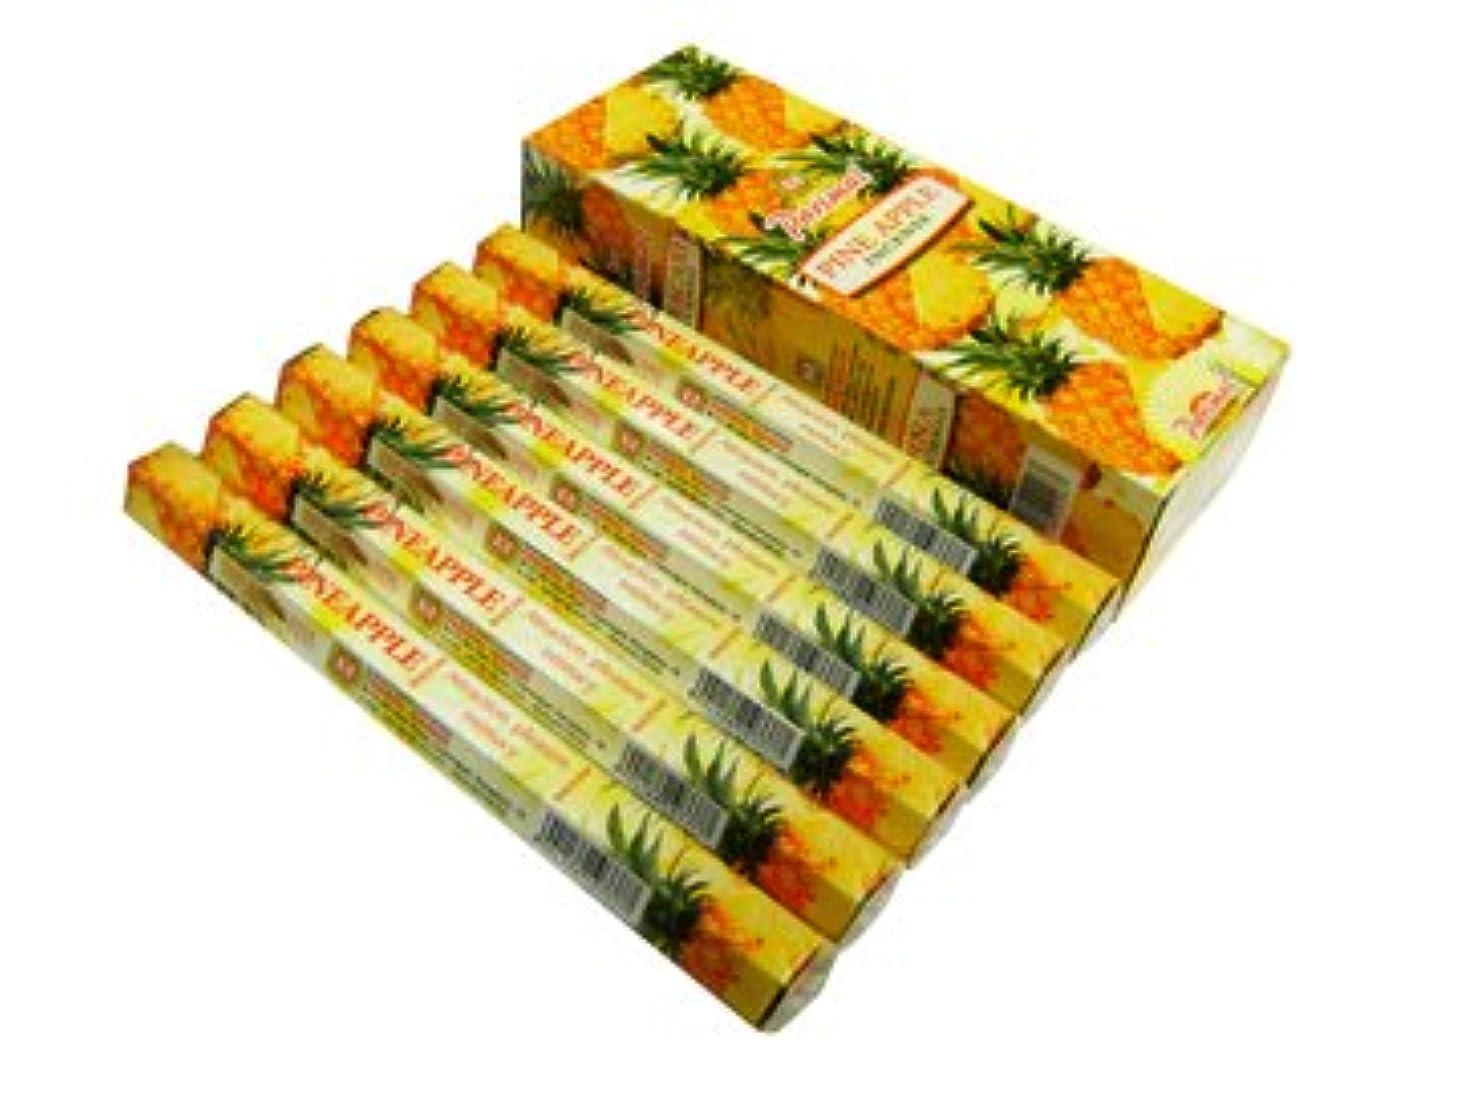 PARIMAL(パリマル) パイナップル香 スティック PINEAPPLE 6箱セット